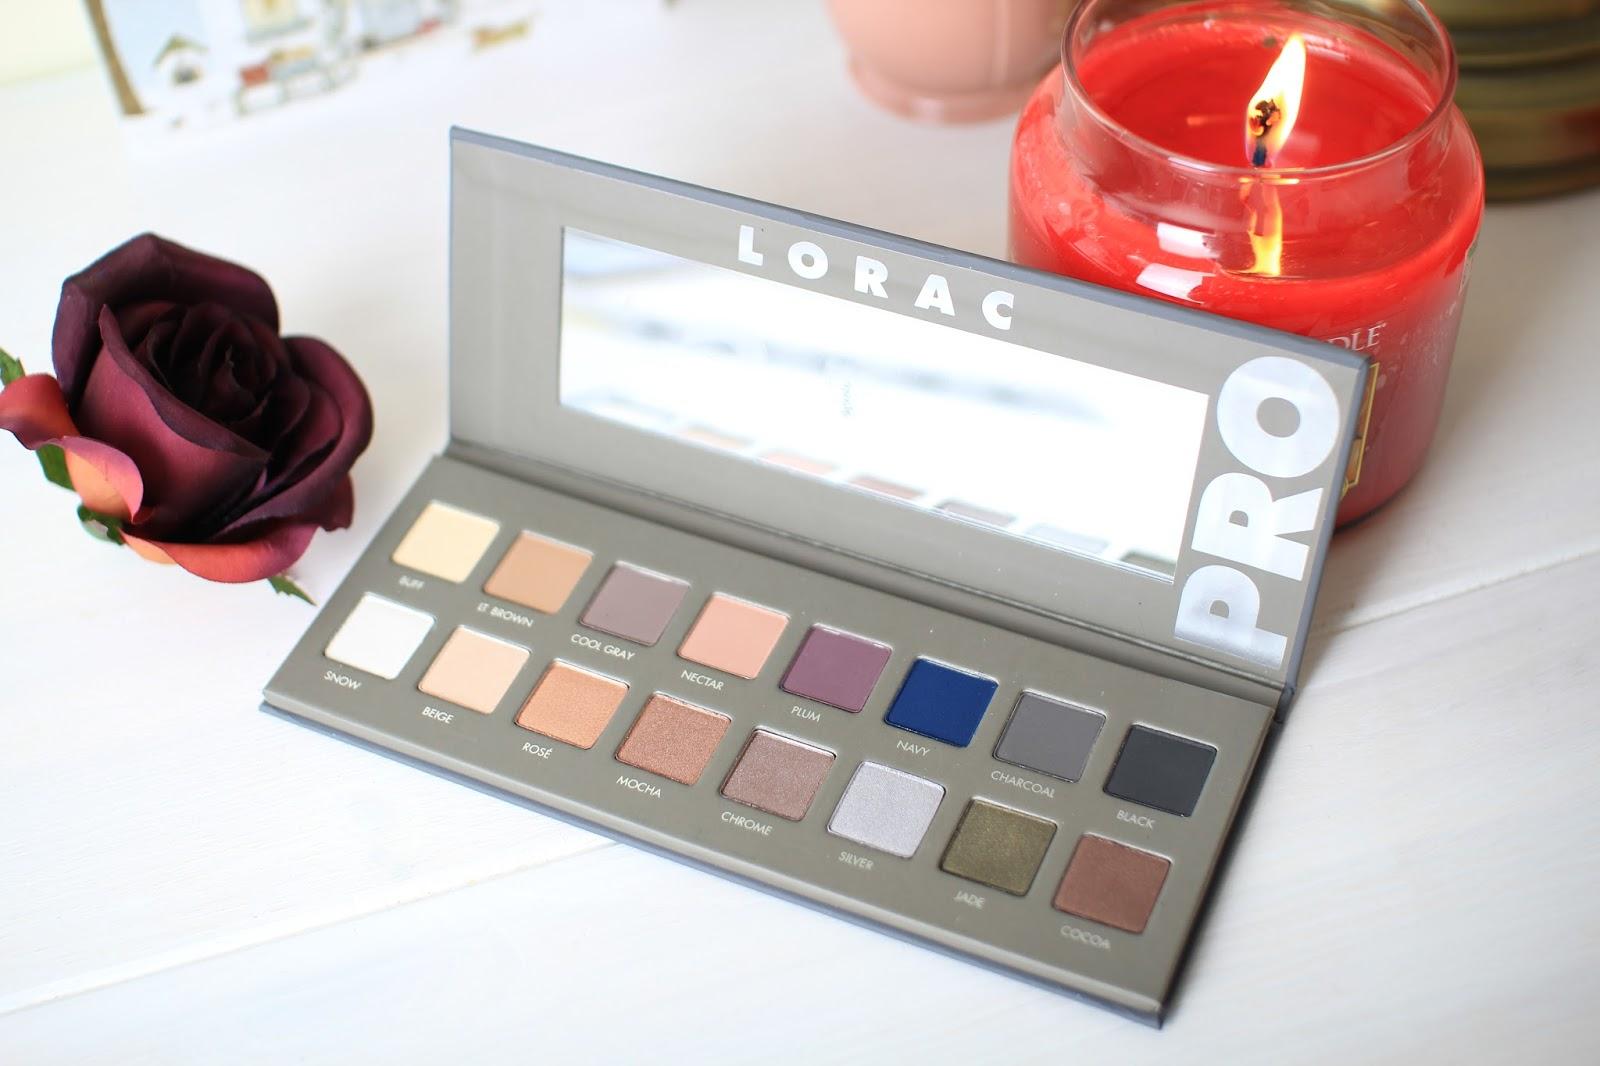 The Lorac Pro Palette 2